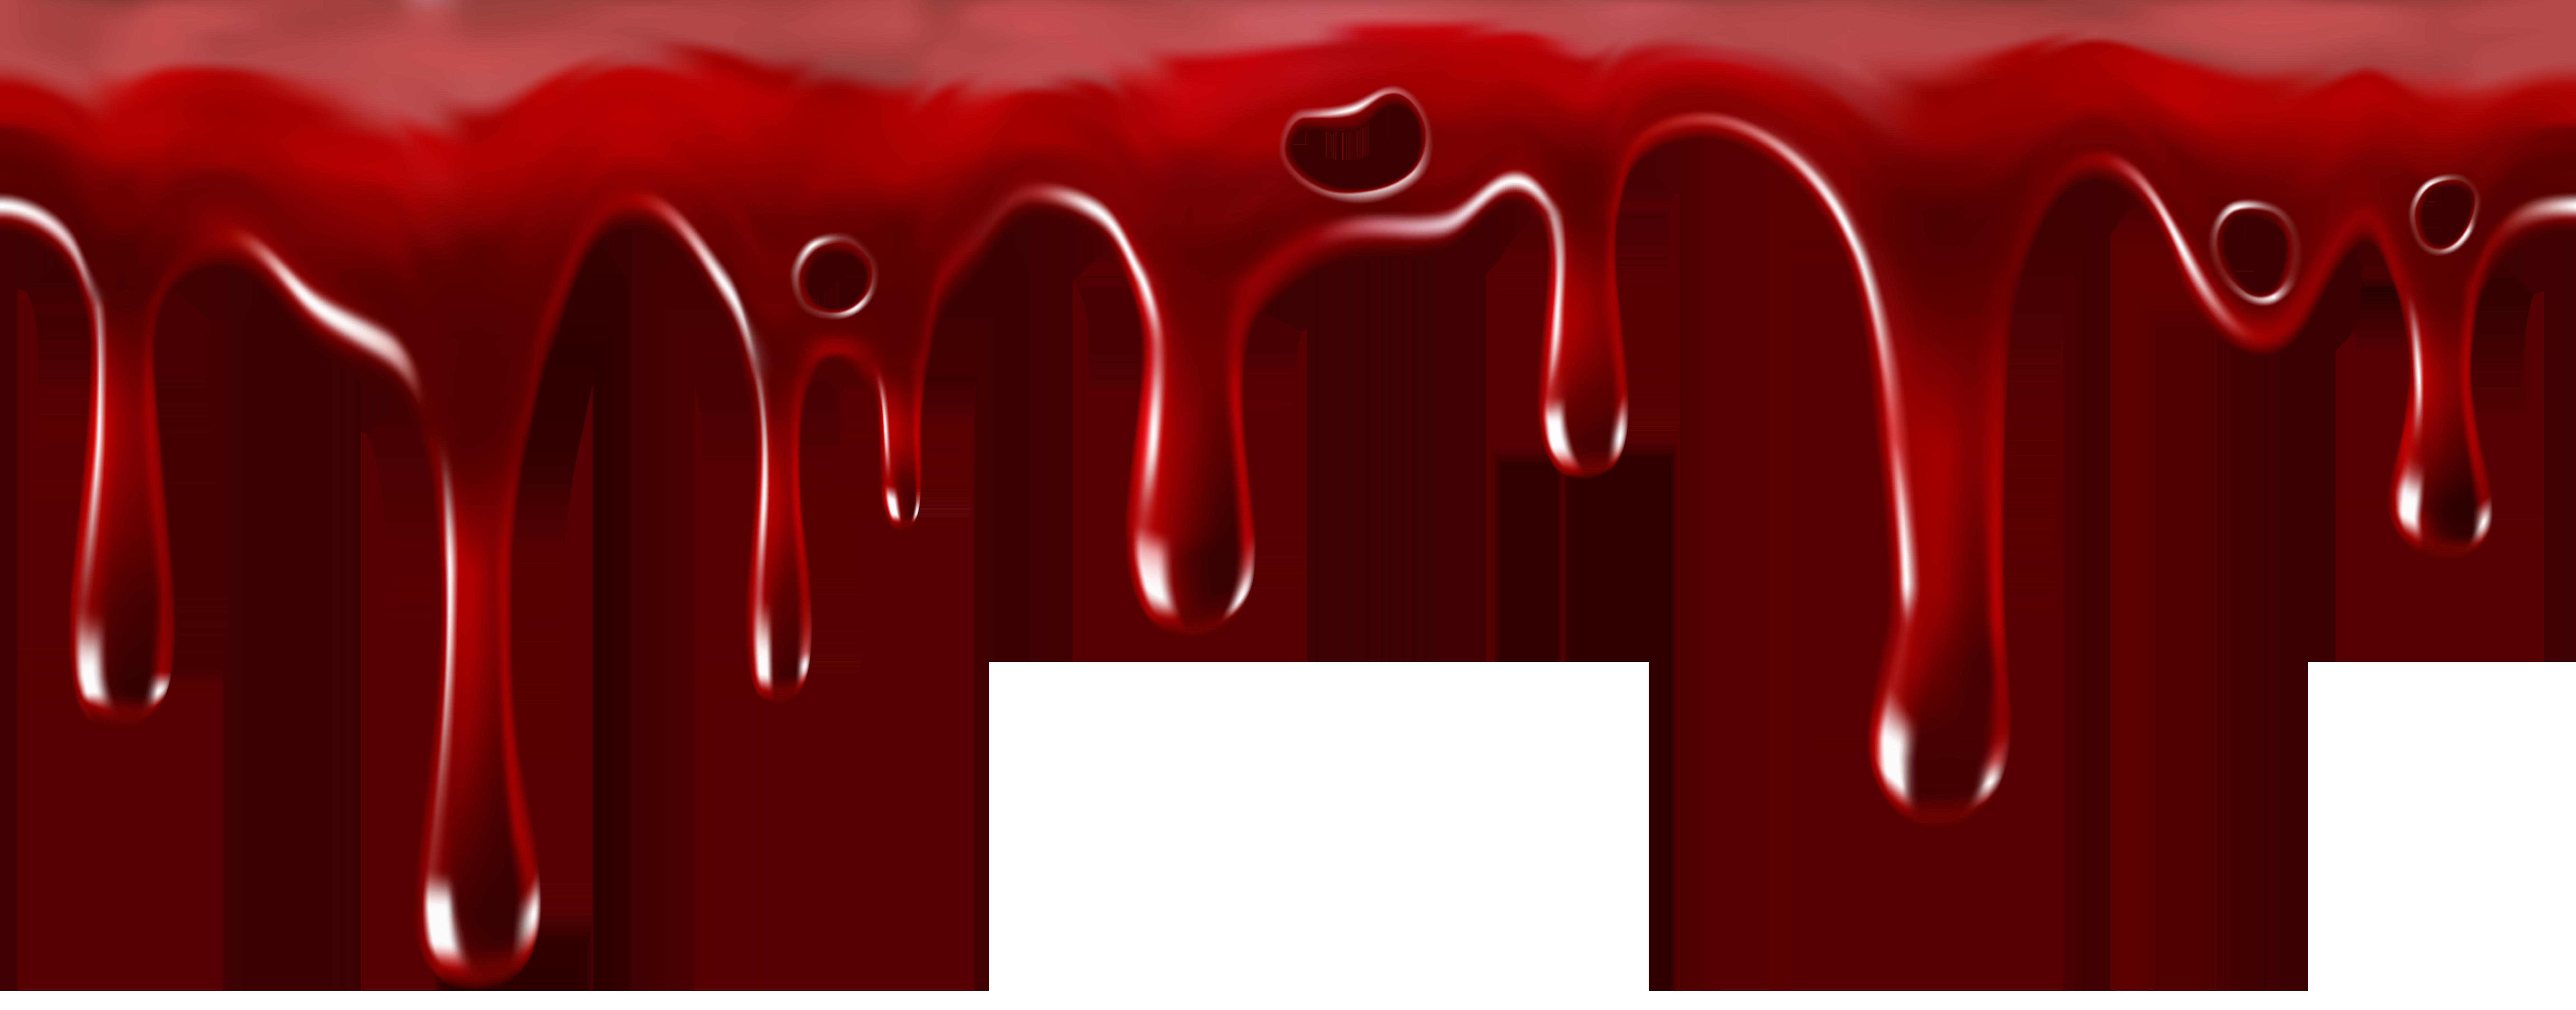 Pin by Tariq Attari on Films in 2019 | Blood art, Drip art